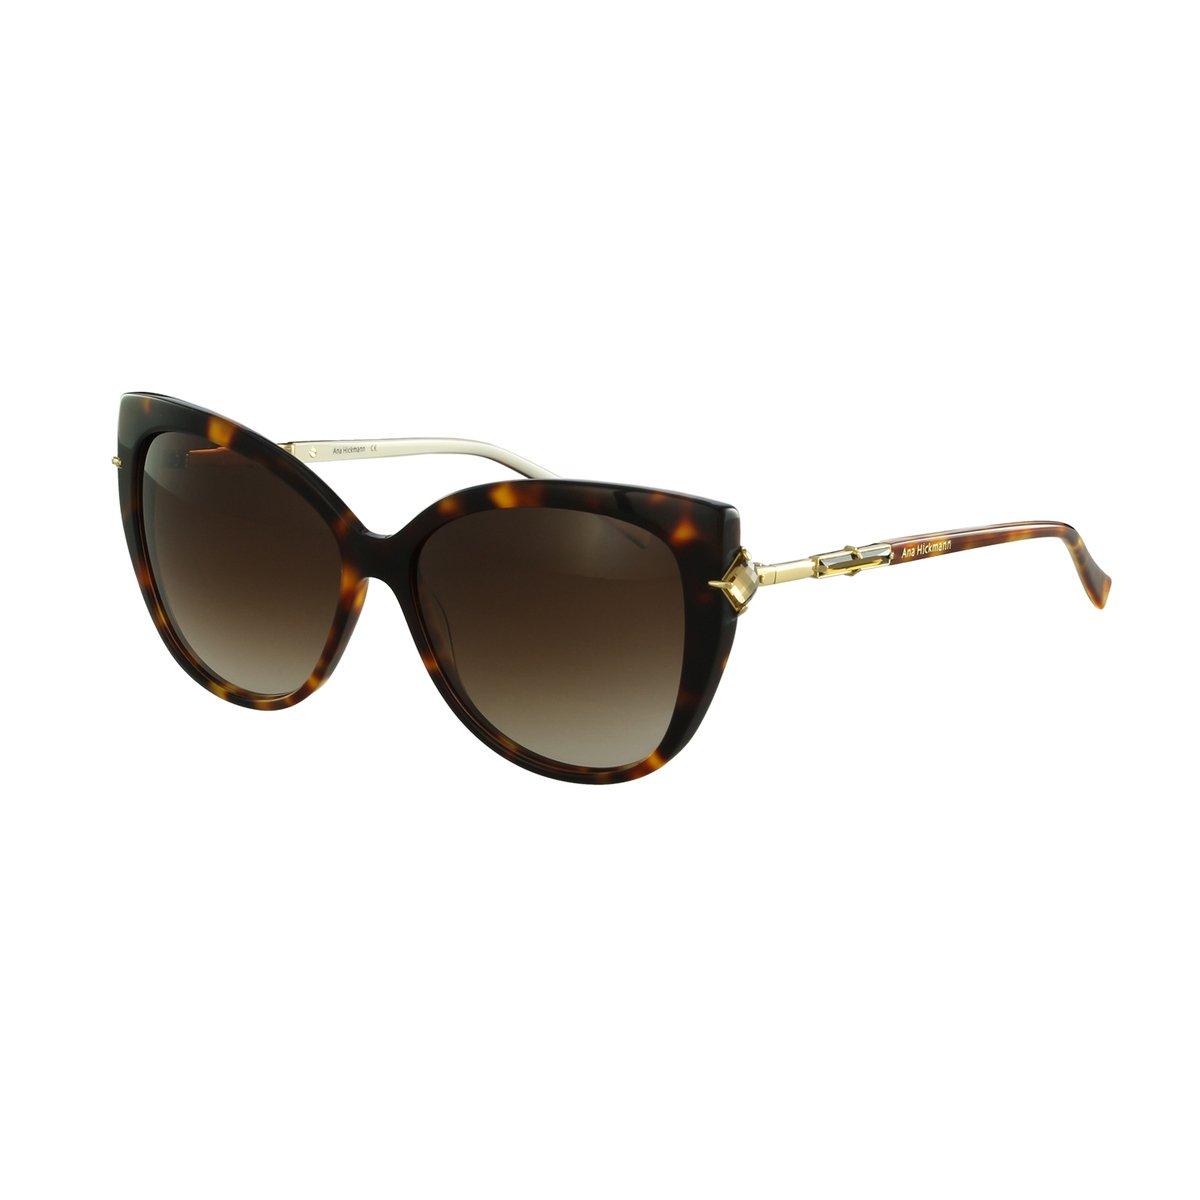 cefb4d140ac03 Óculos De Sol Ana Hickmann Gatinho - Compre Agora   Zattini